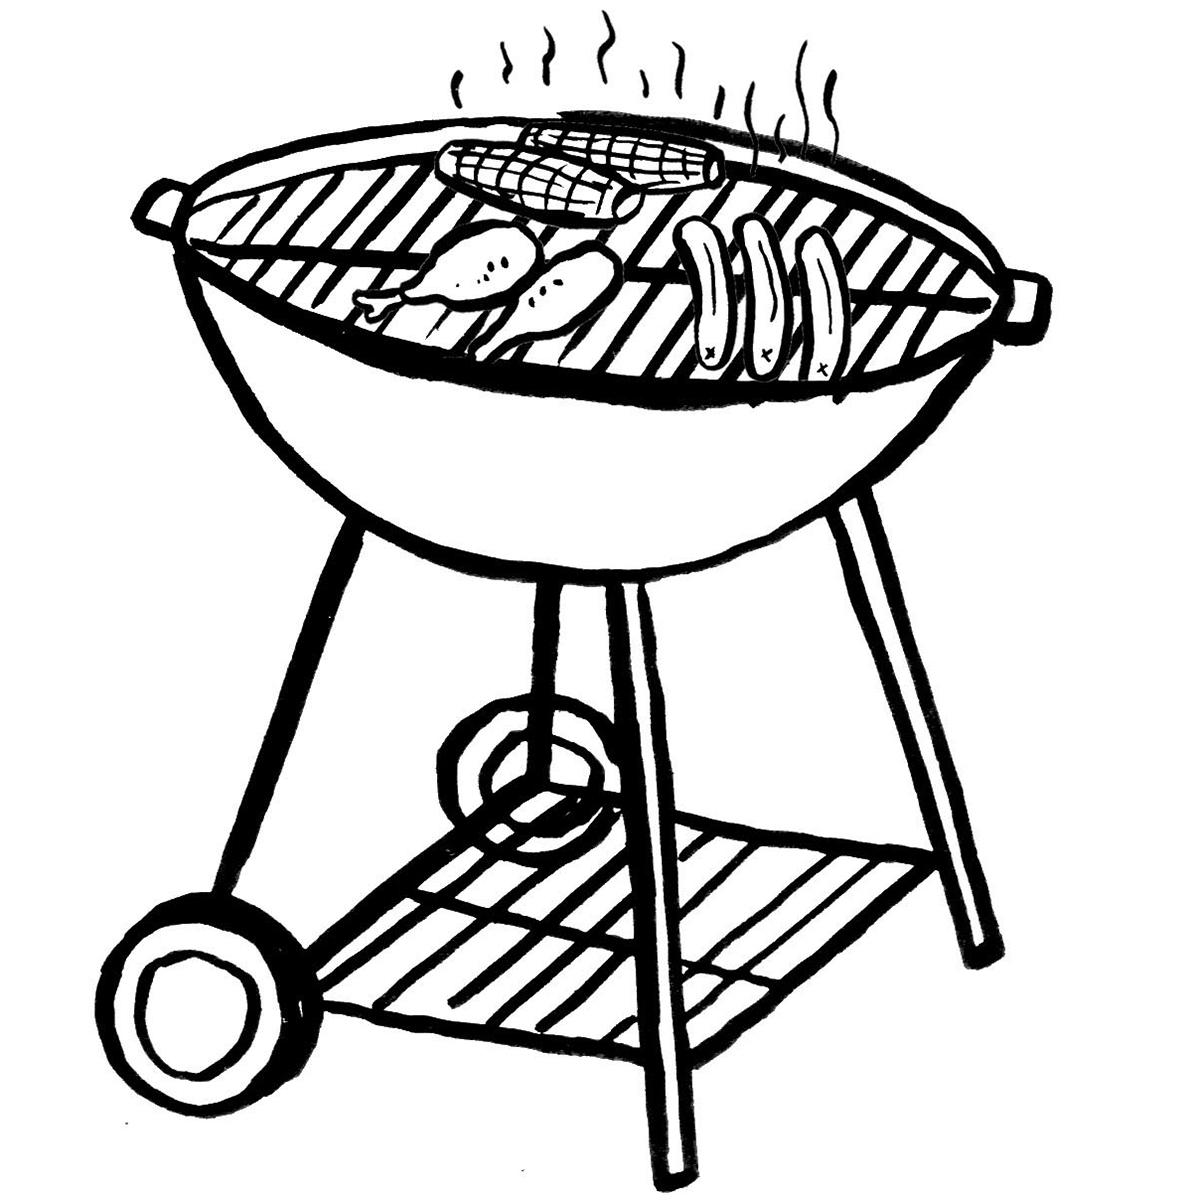 grill illustration